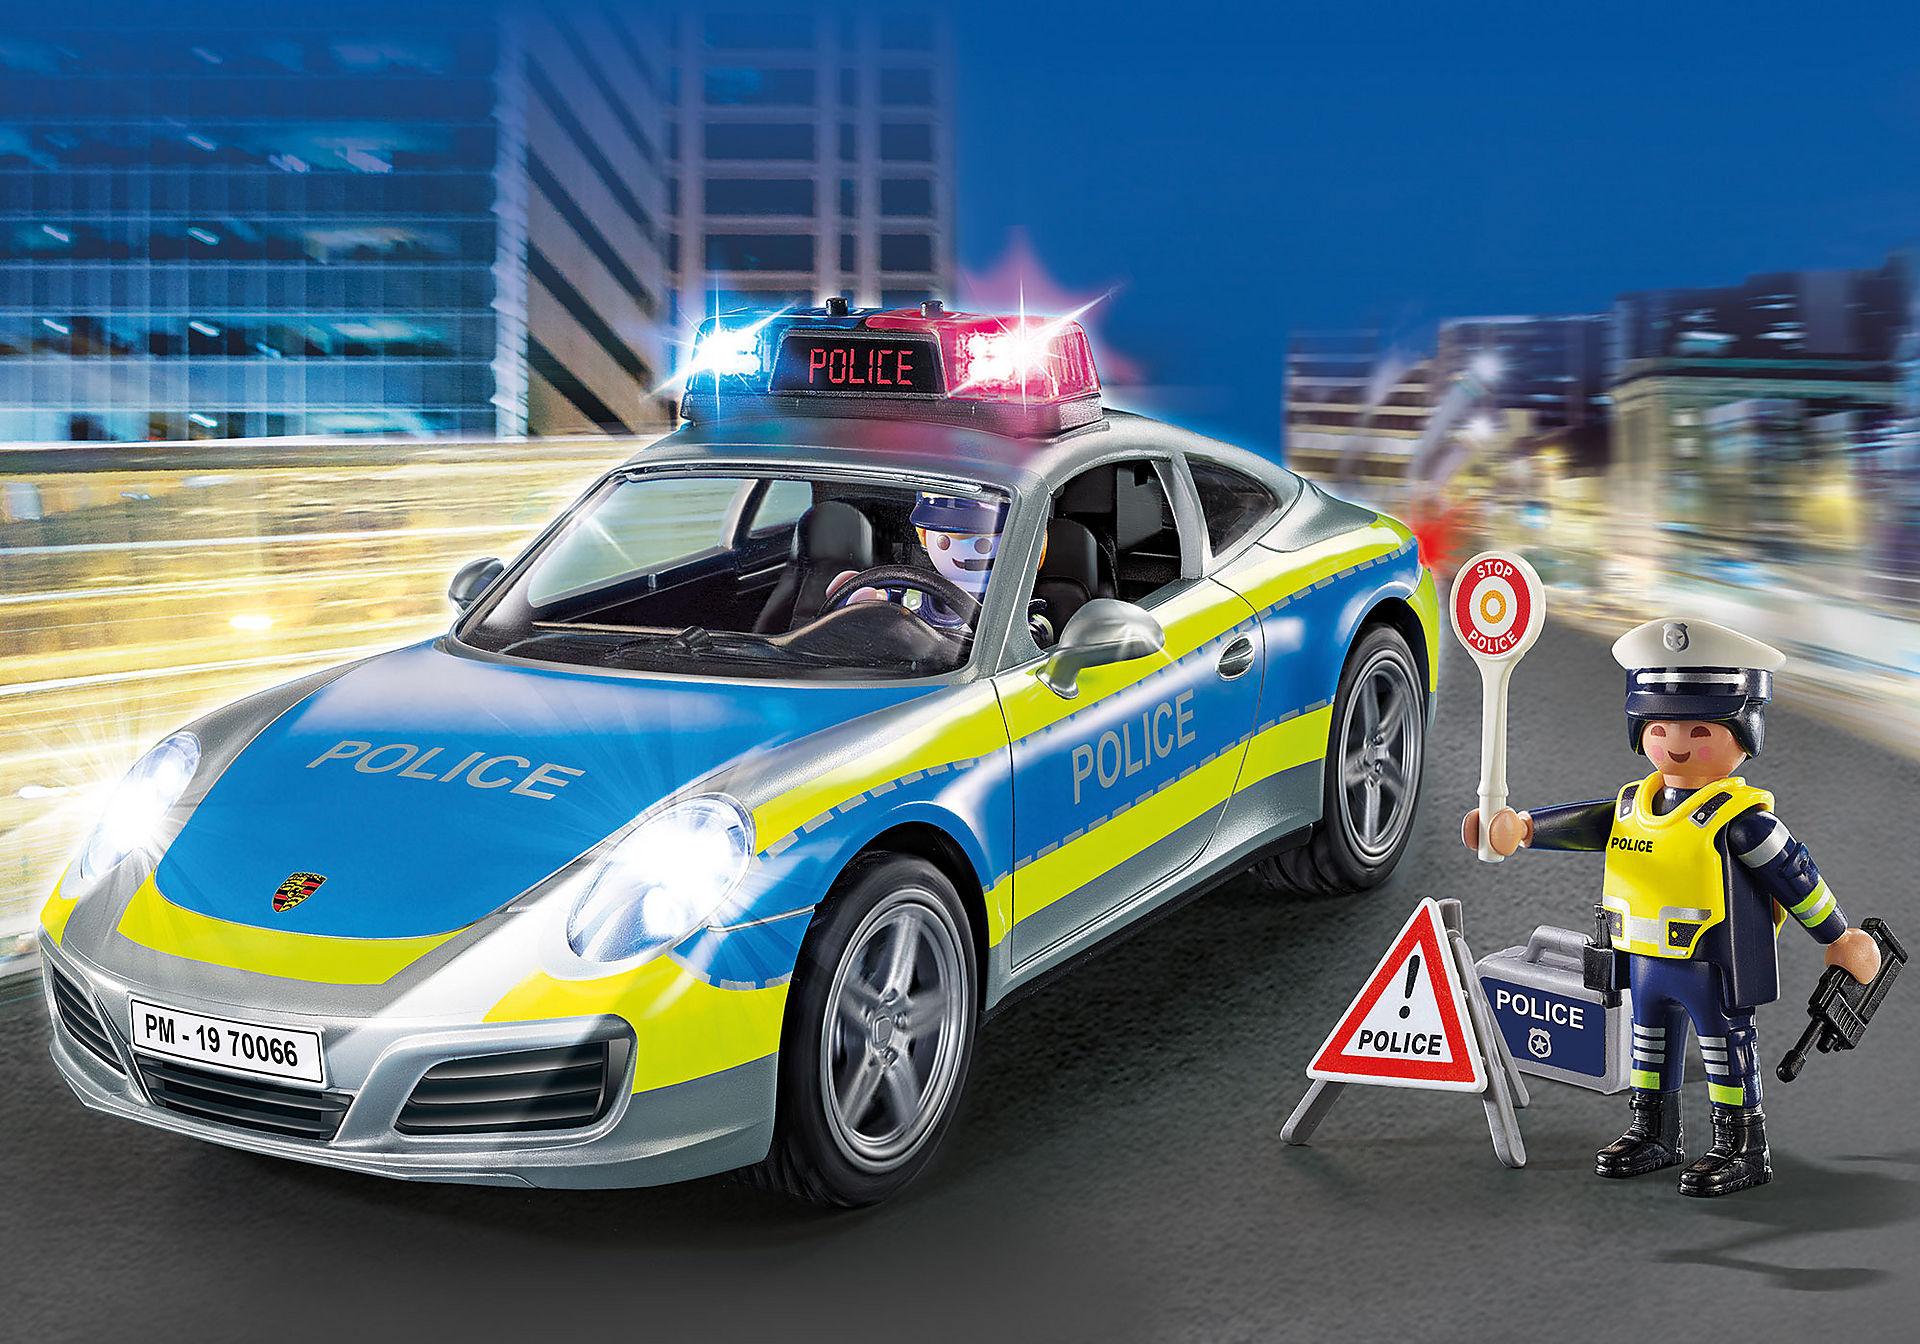 70066 Porsche 911 Carrera 4S Politie zoom image1